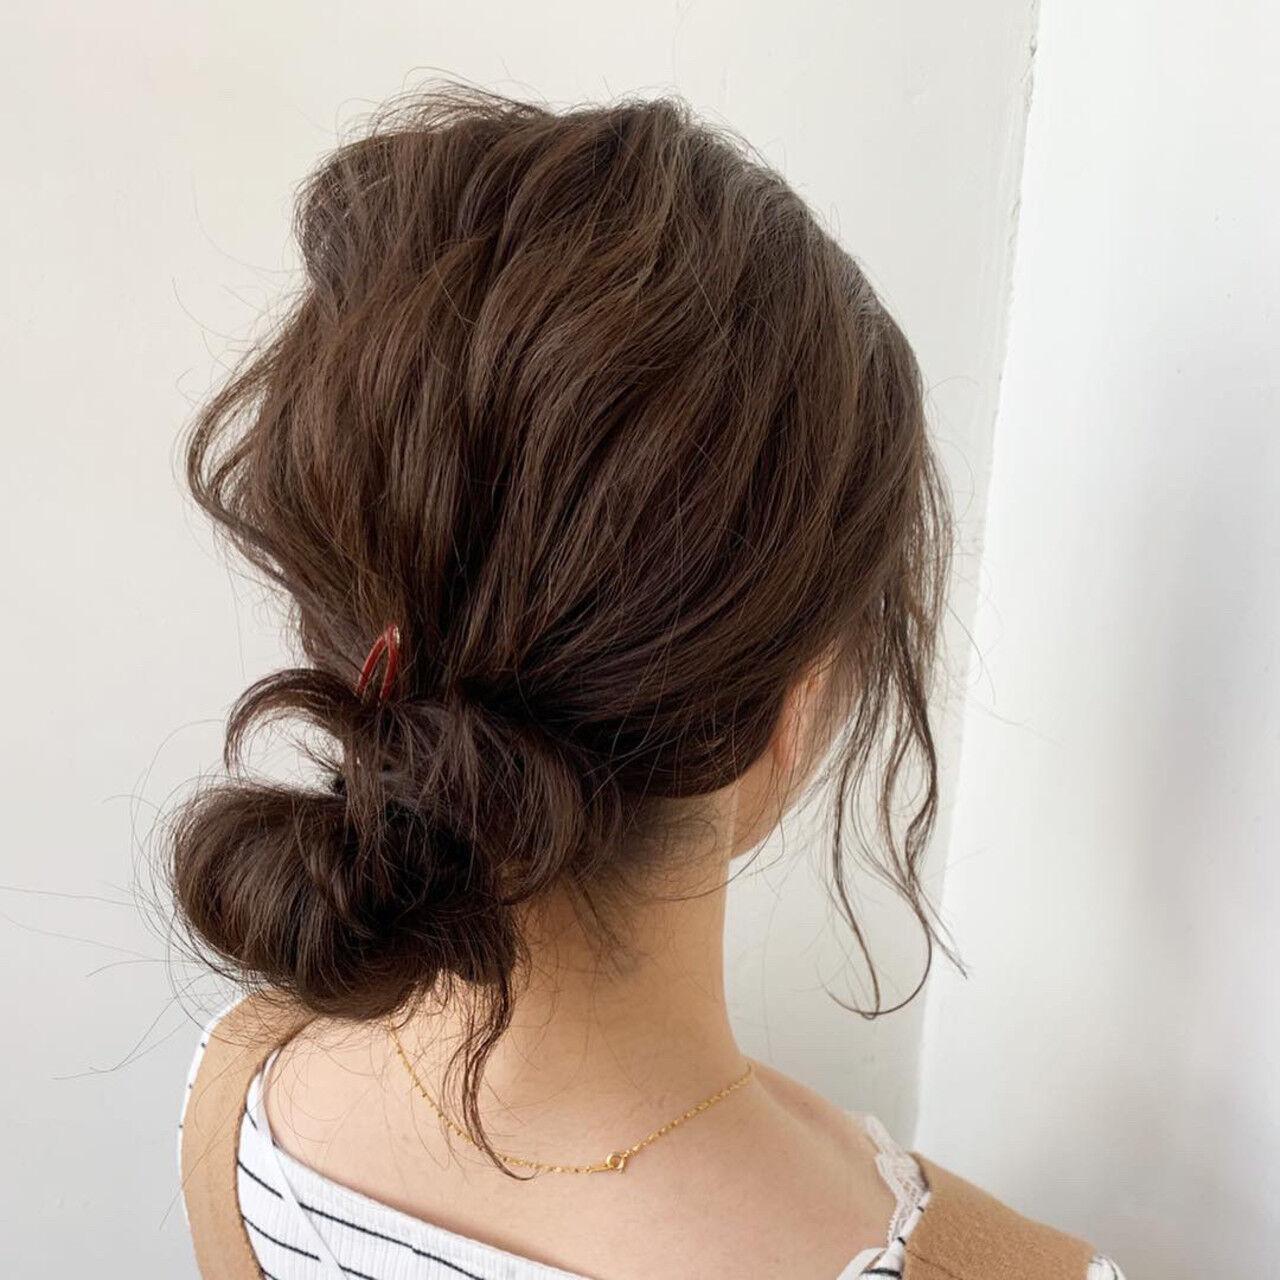 デート ミディアム ヘアアレンジ ルーズヘアスタイルや髪型の写真・画像